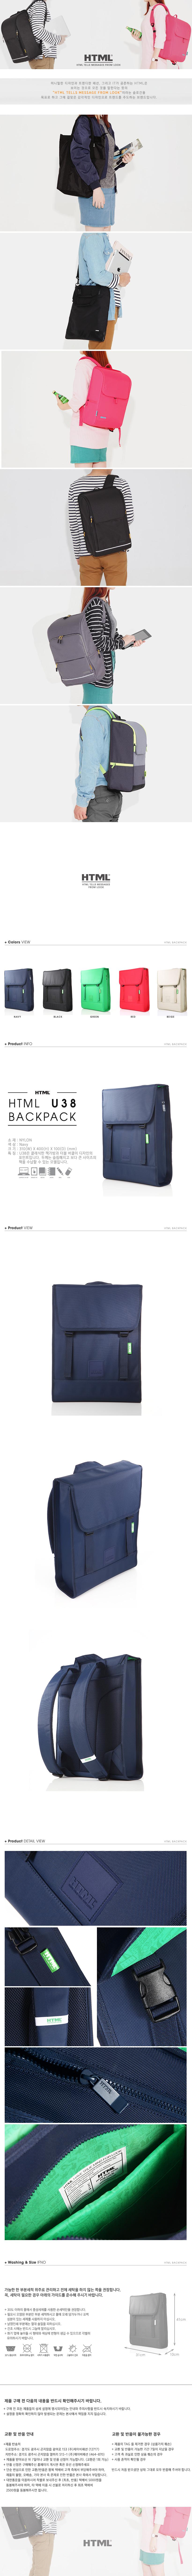 [에이치티엠엘]HTML - U38 backpack (Navy)_인기백팩